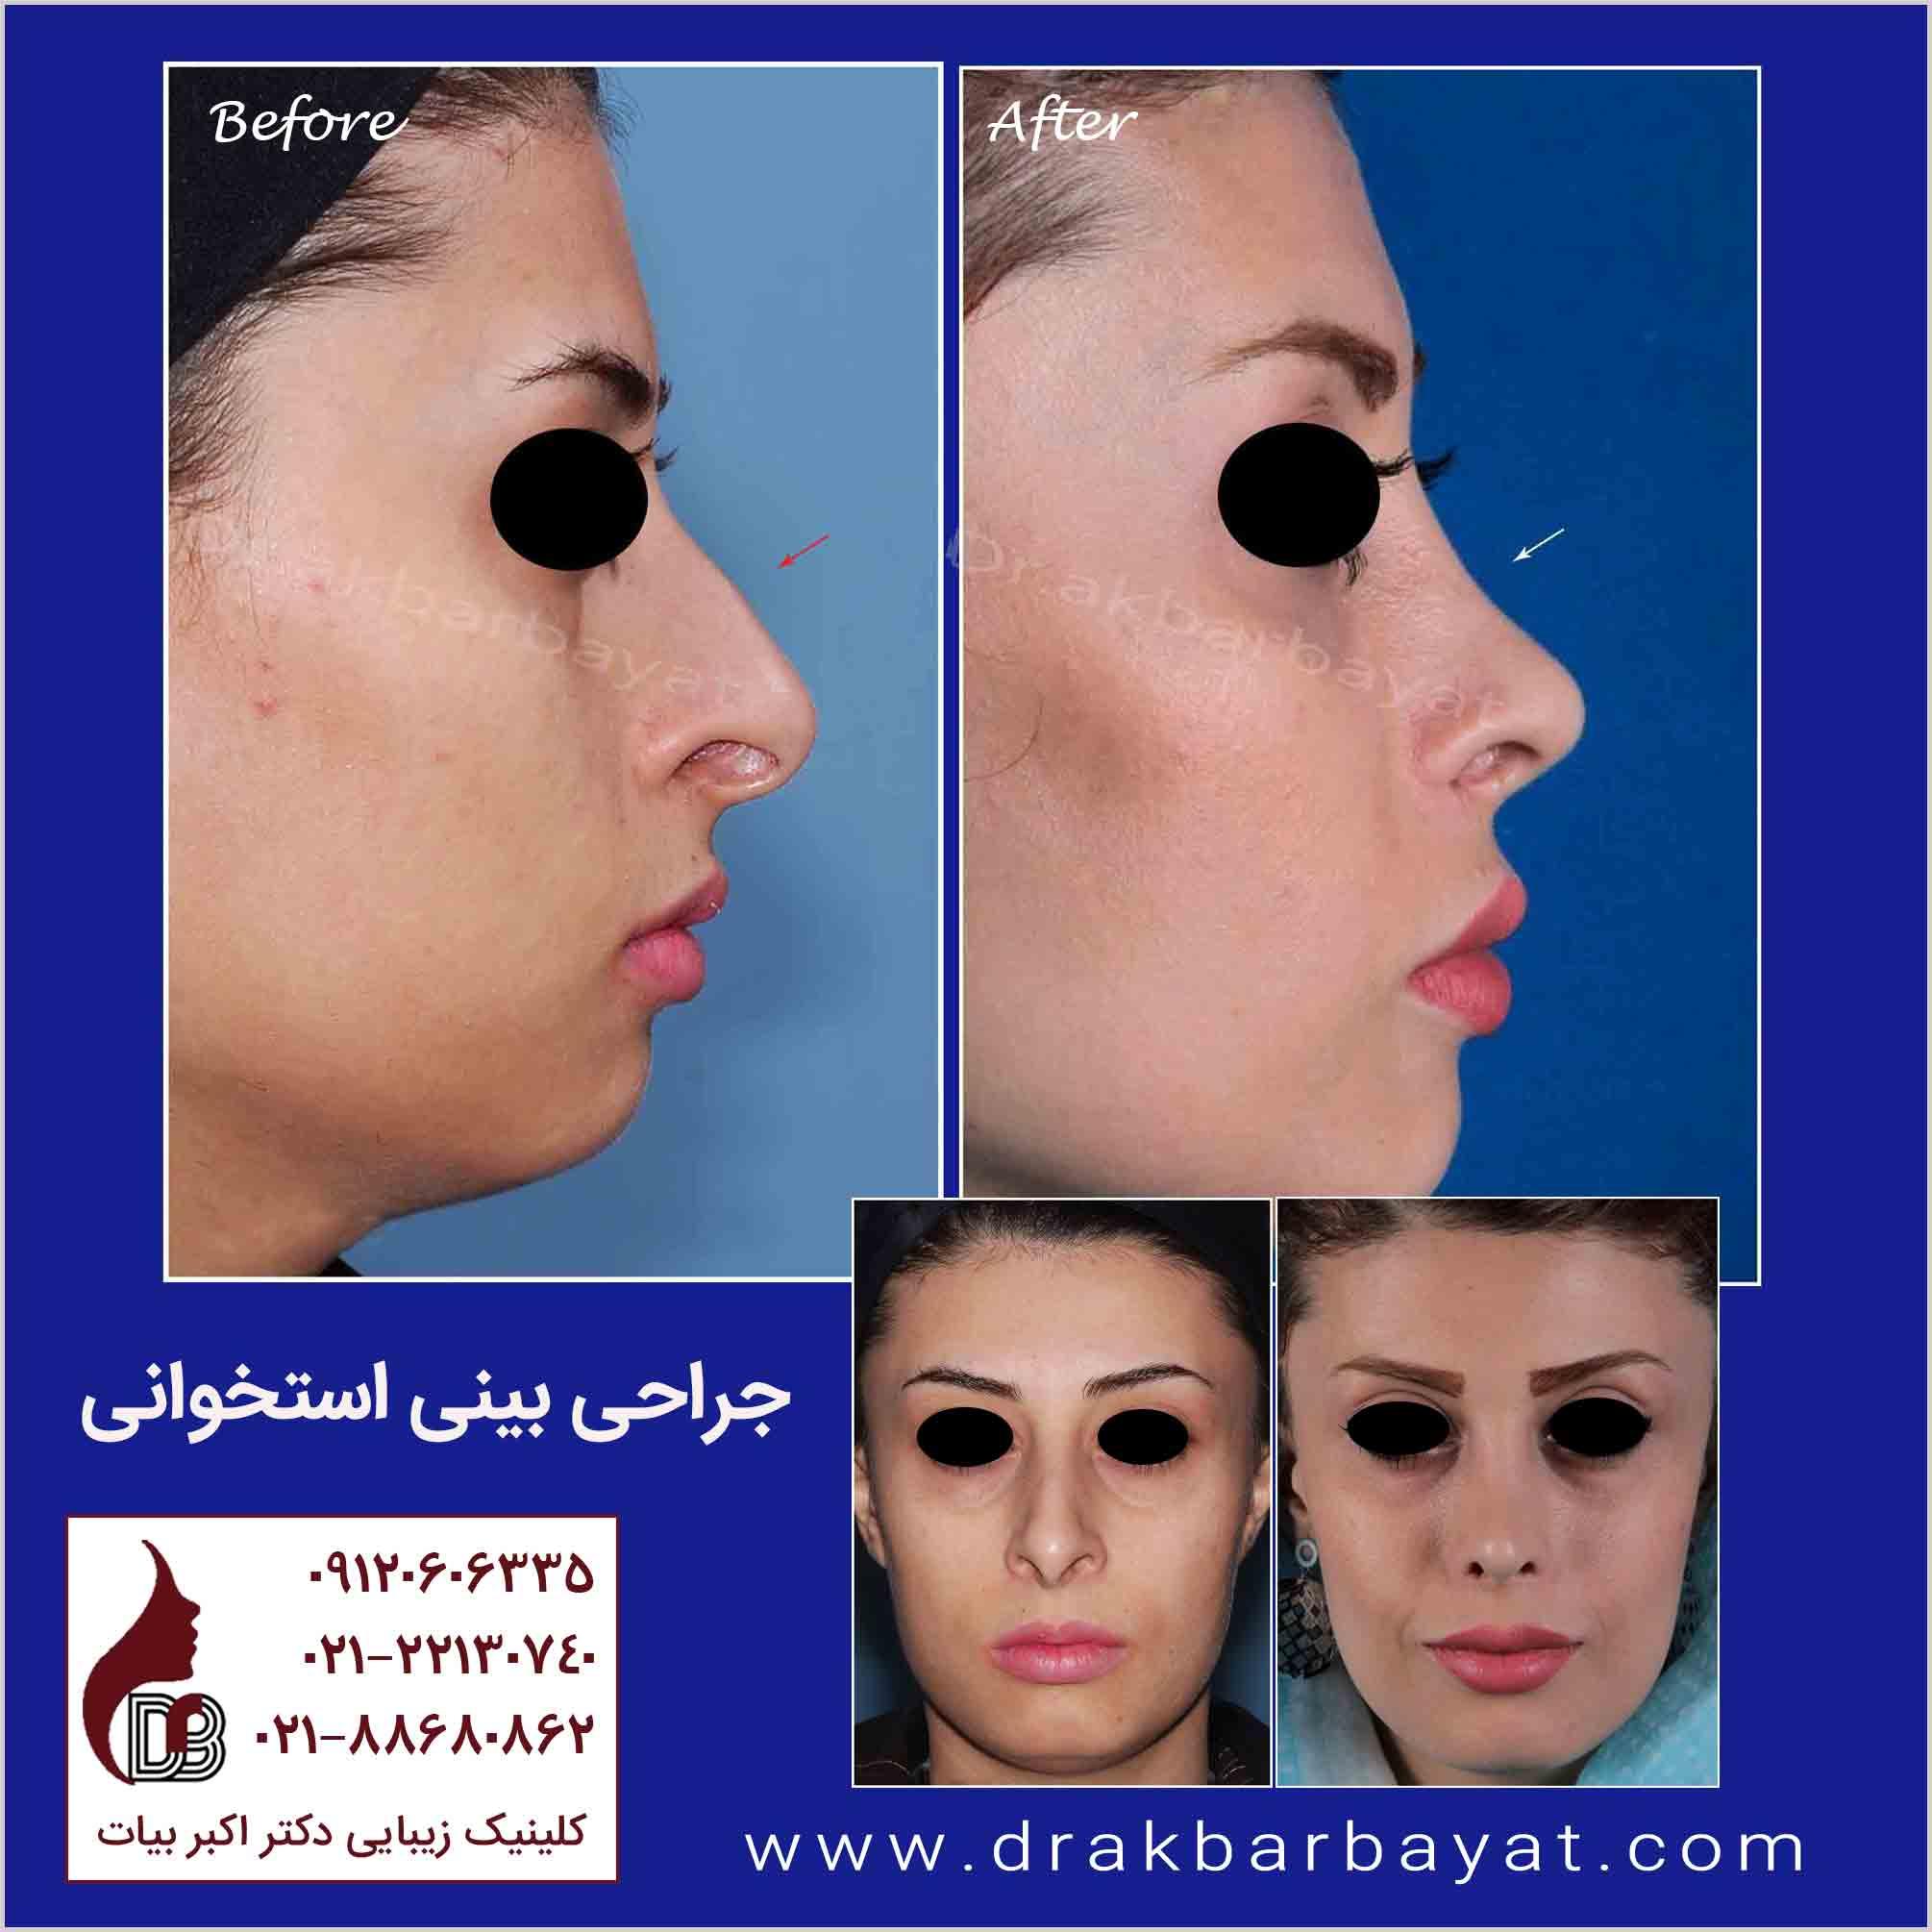 جراحی بینی استخوانی | راینوپلاستی دکتر بیات | عمل جراحی بینی